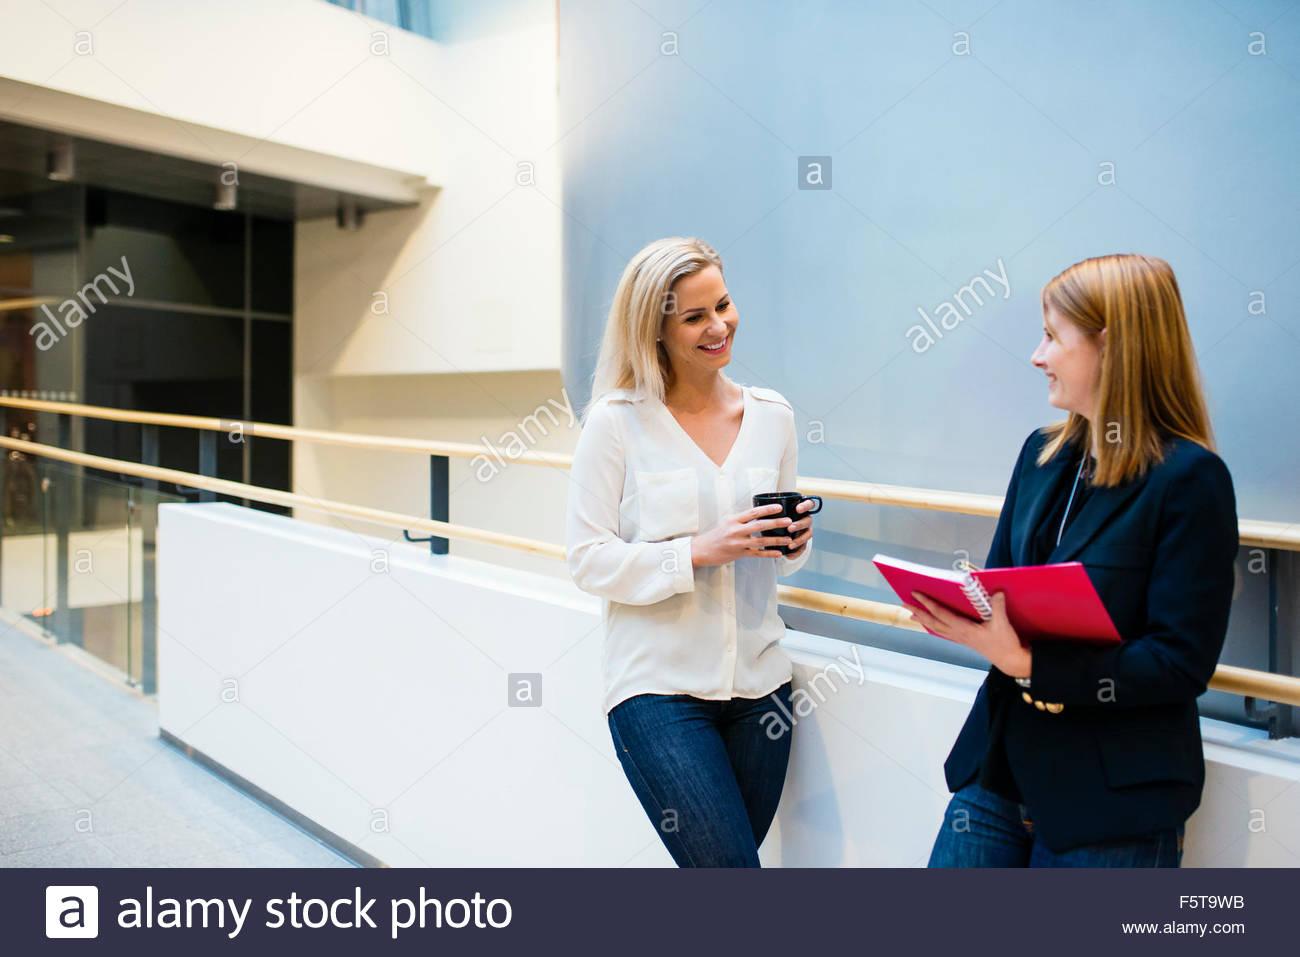 Finlandia, Dos mujeres hablando en el pasillo de oficina Imagen De Stock